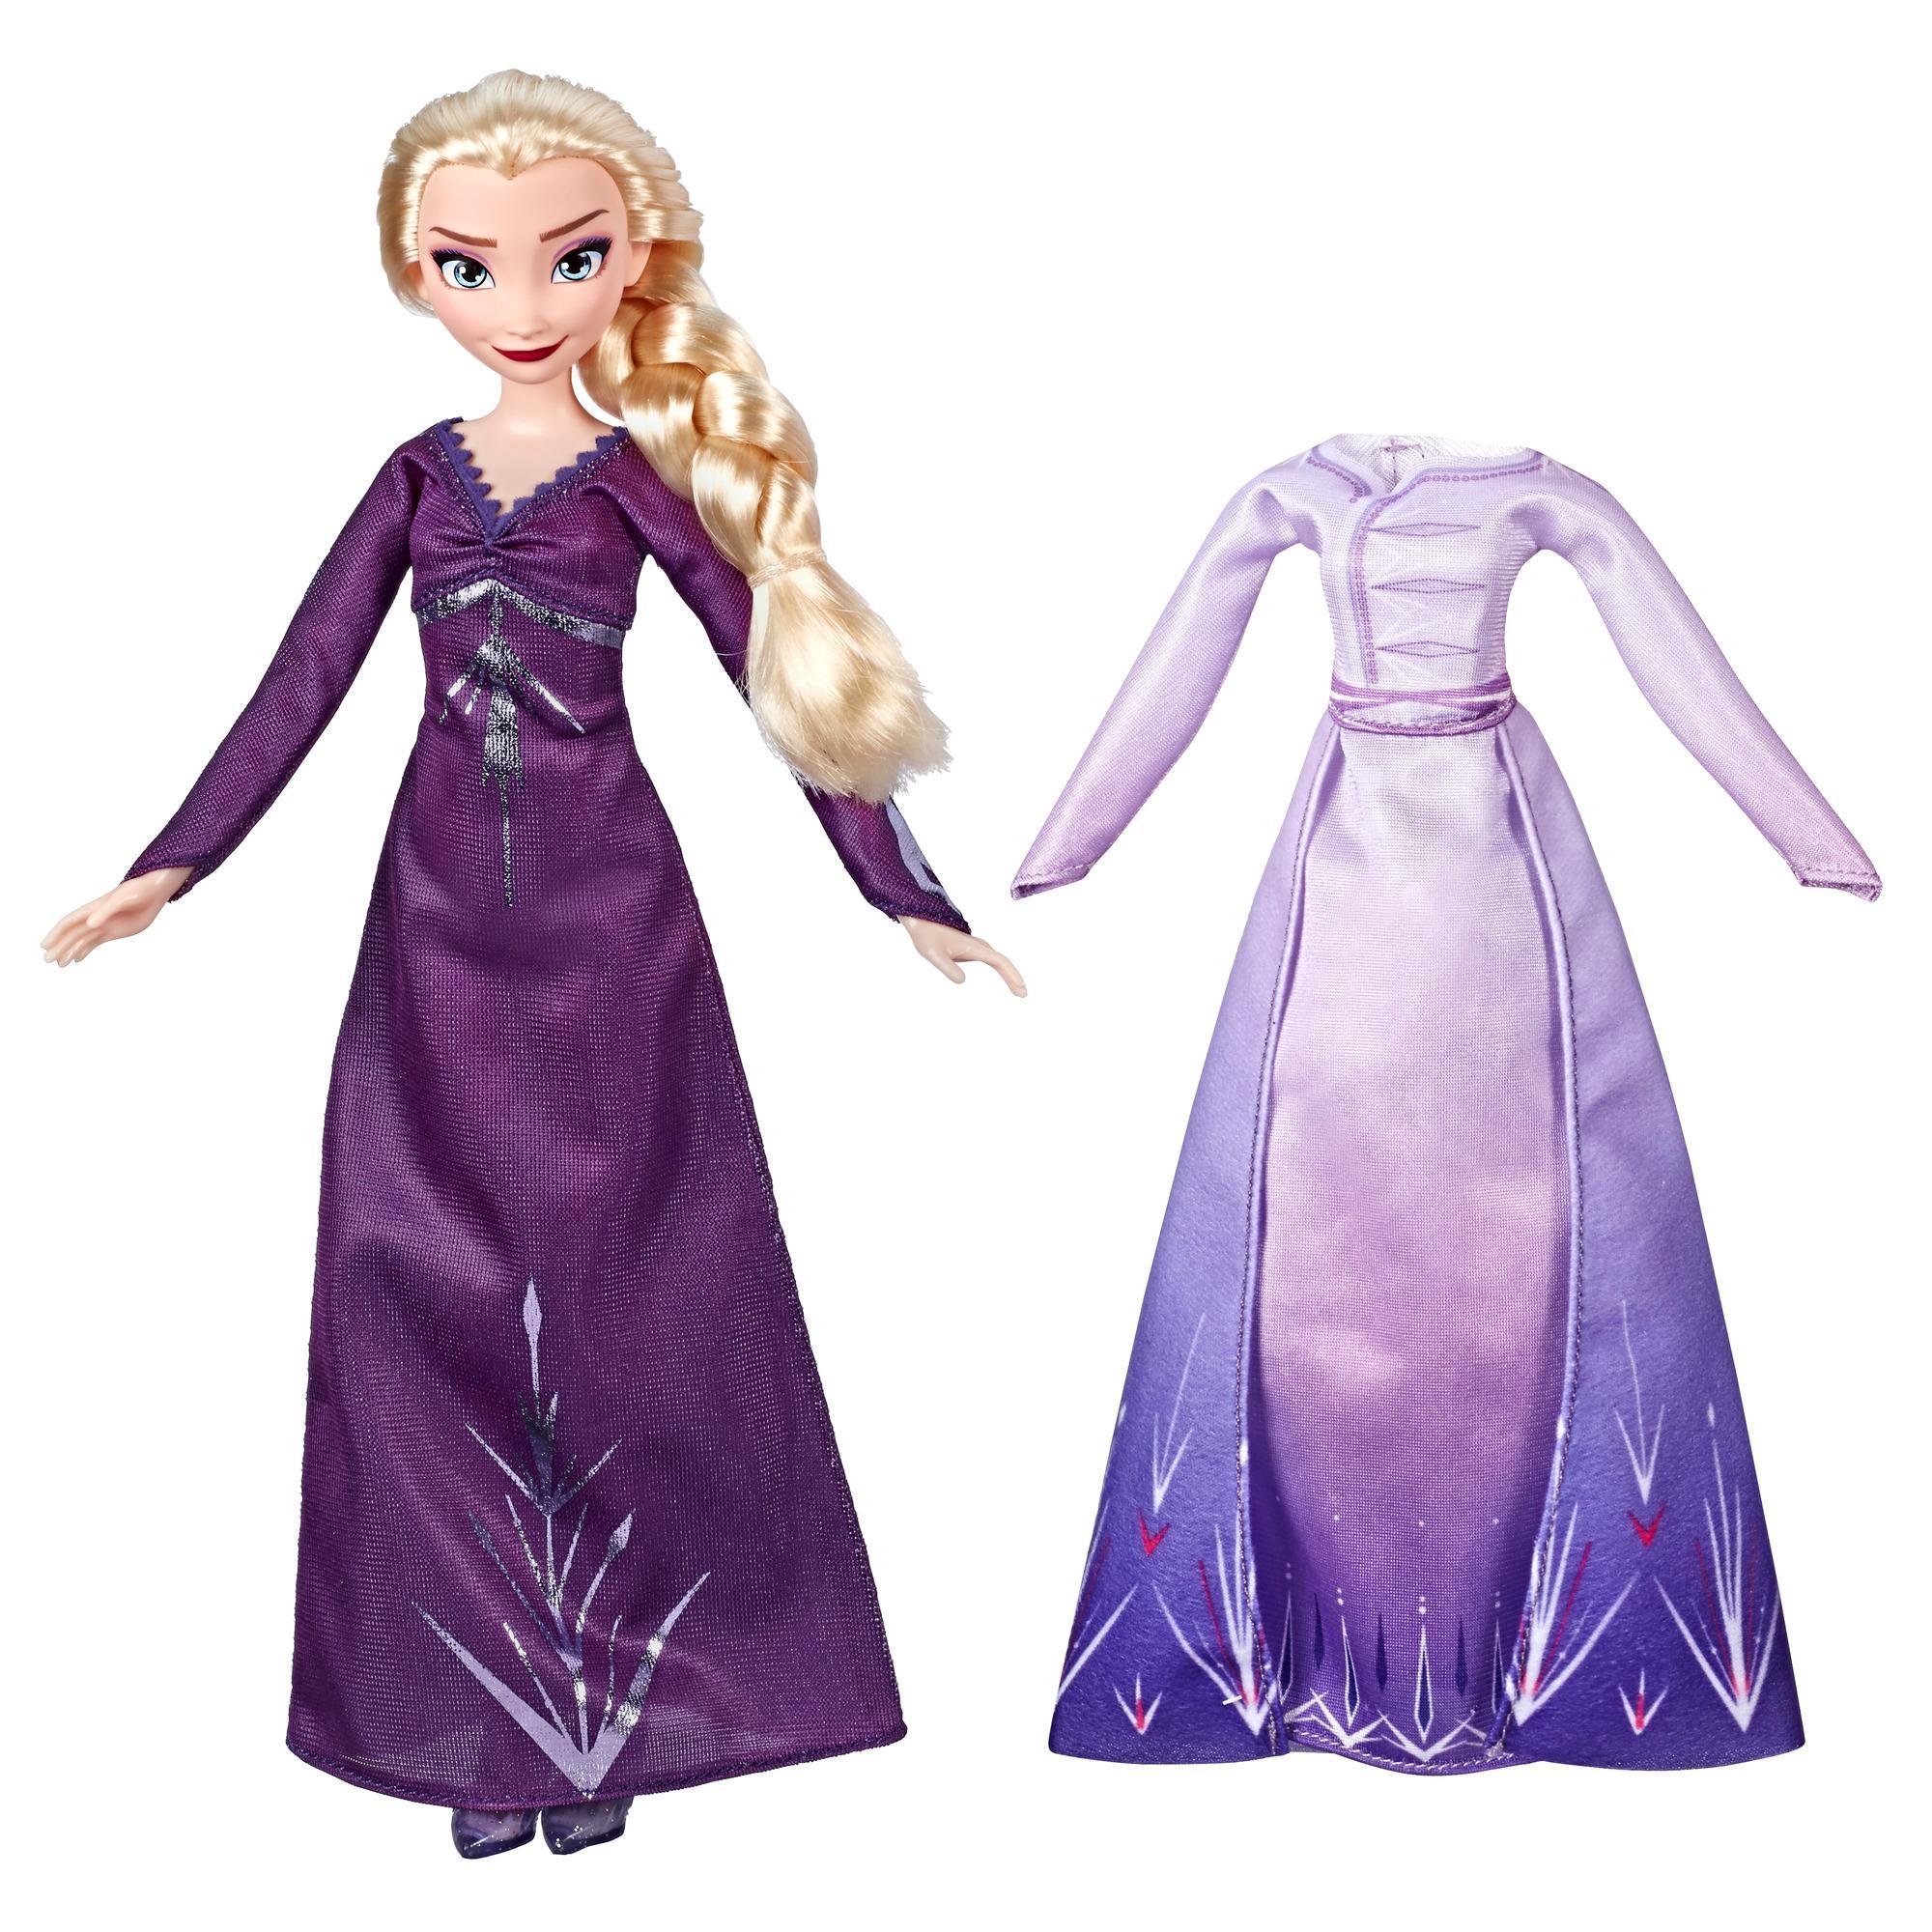 Disney Die Eiskönigin Arendelle Kleidertraum Elsa Modepuppe mit 2 Outfits